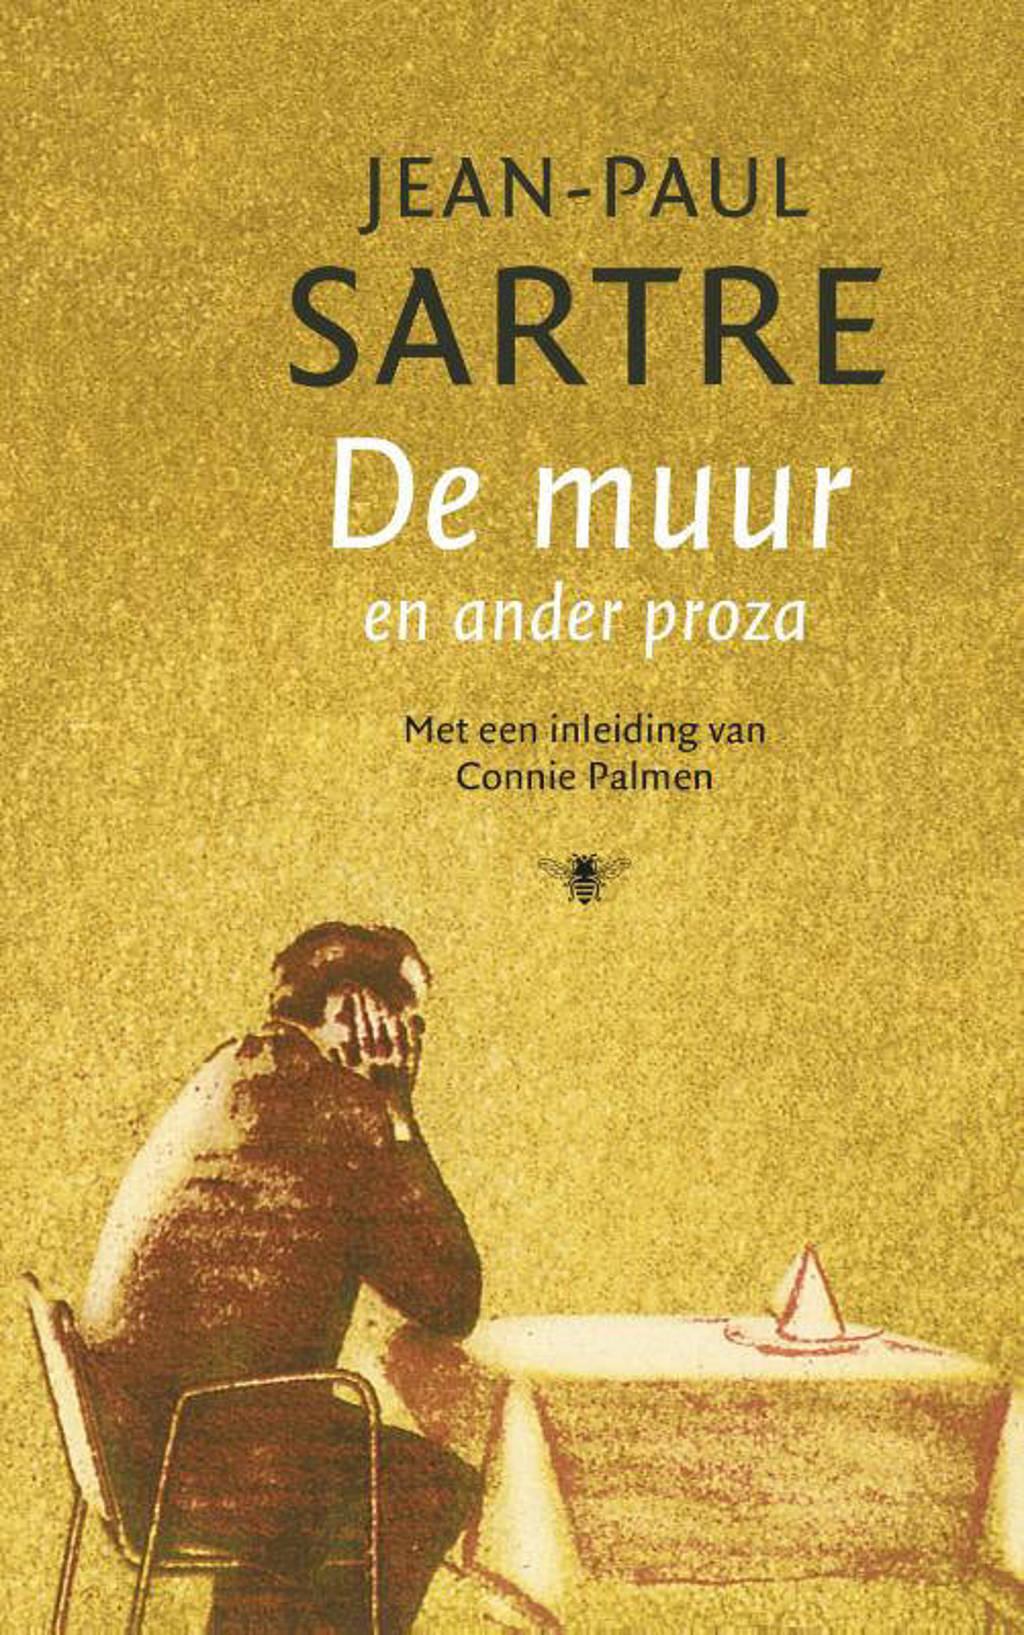 De muur - Jean-Paul Sartre